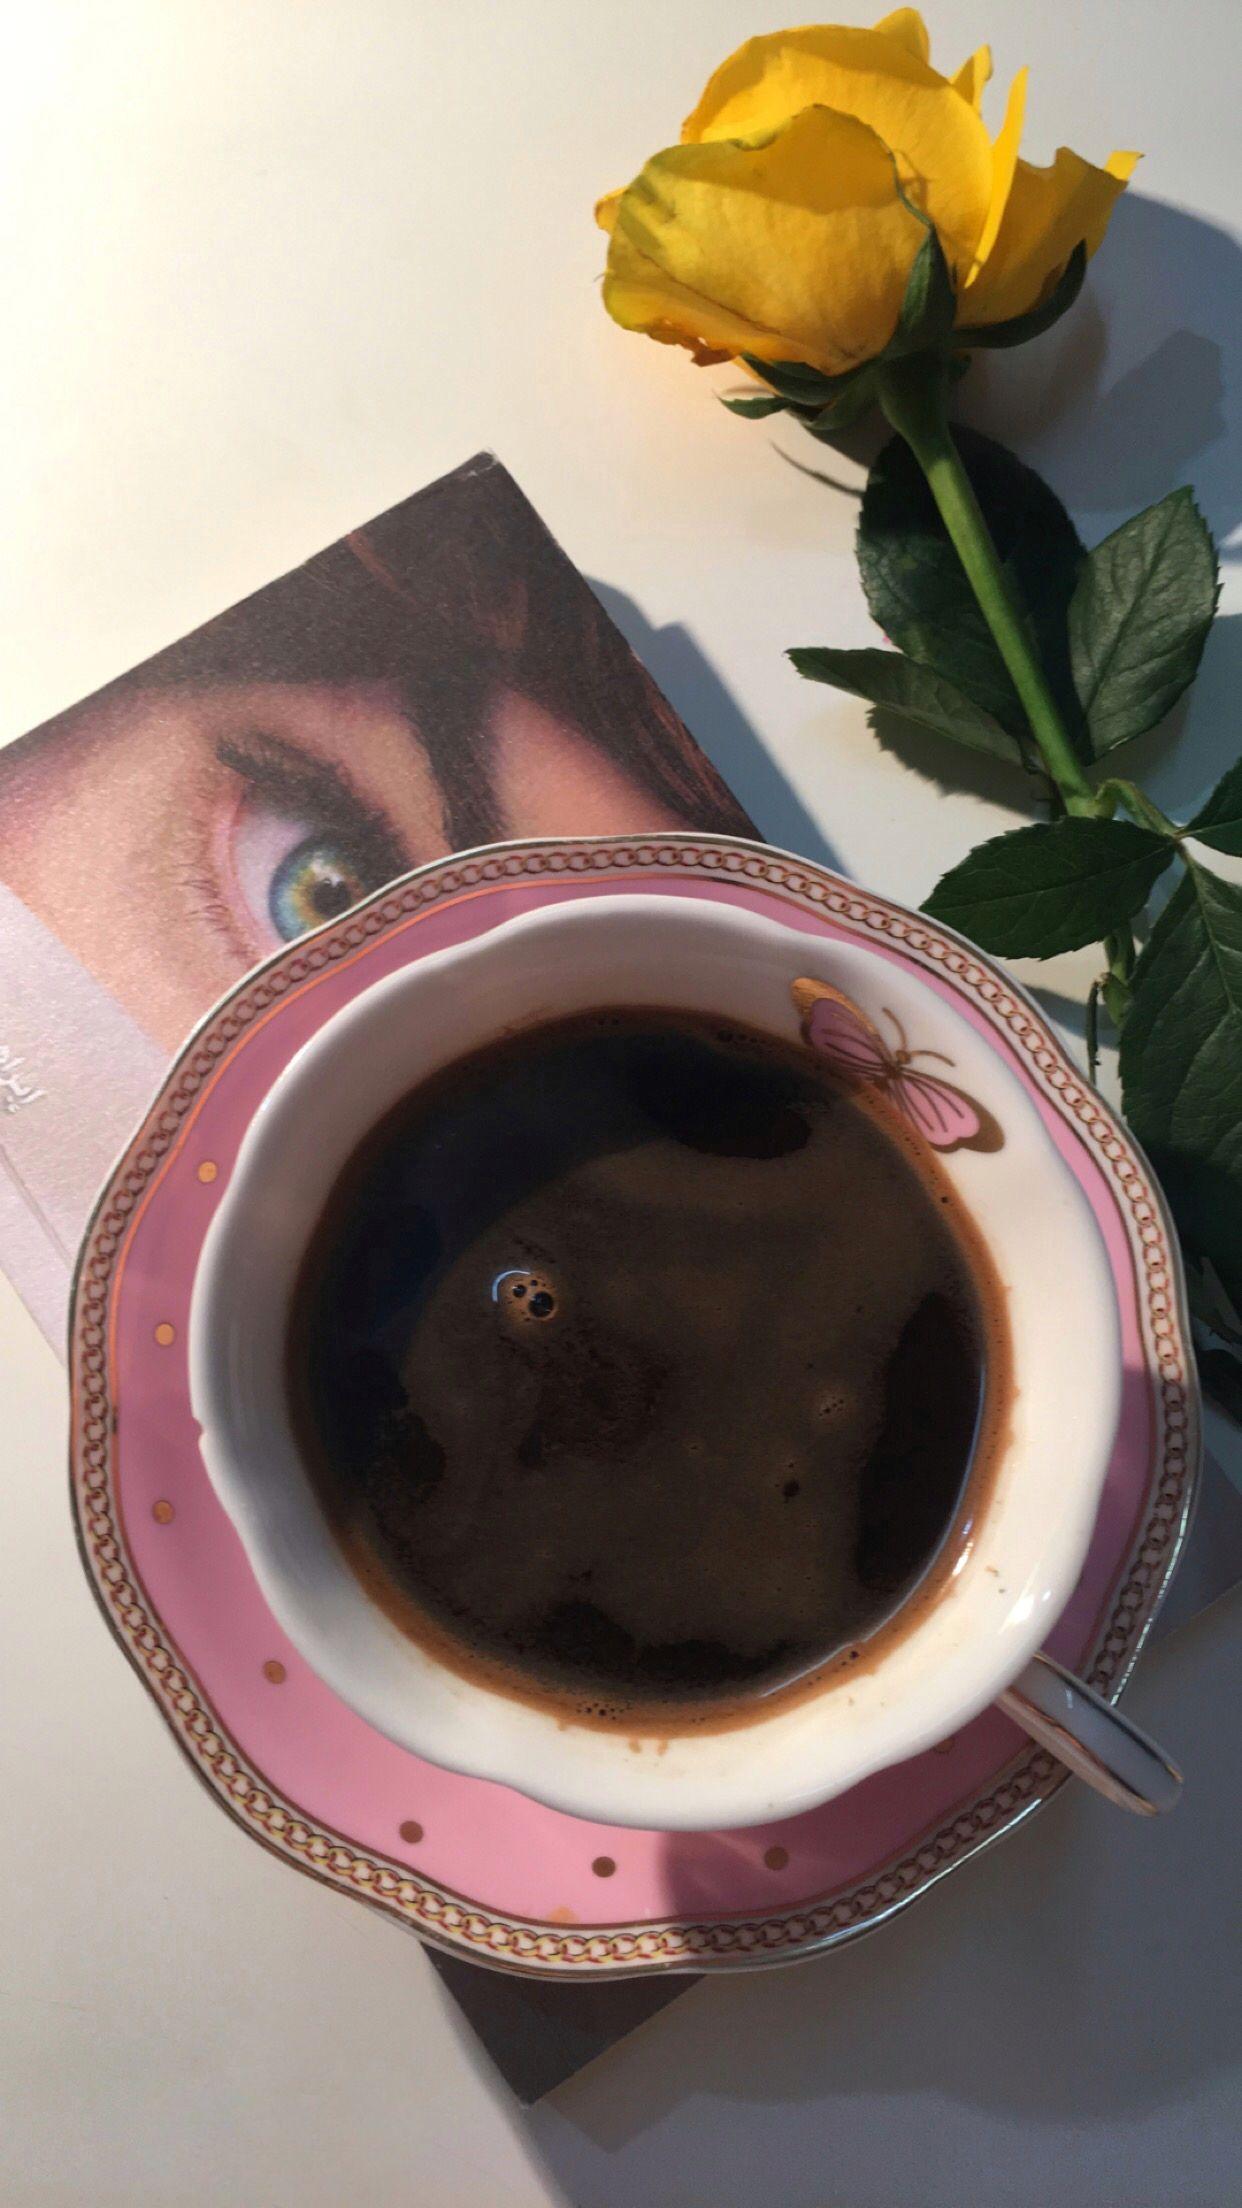 في طرف كوب قهوتي تركت لك قلبي القهوة قهوة تصويري سنابات Tableware Glassware